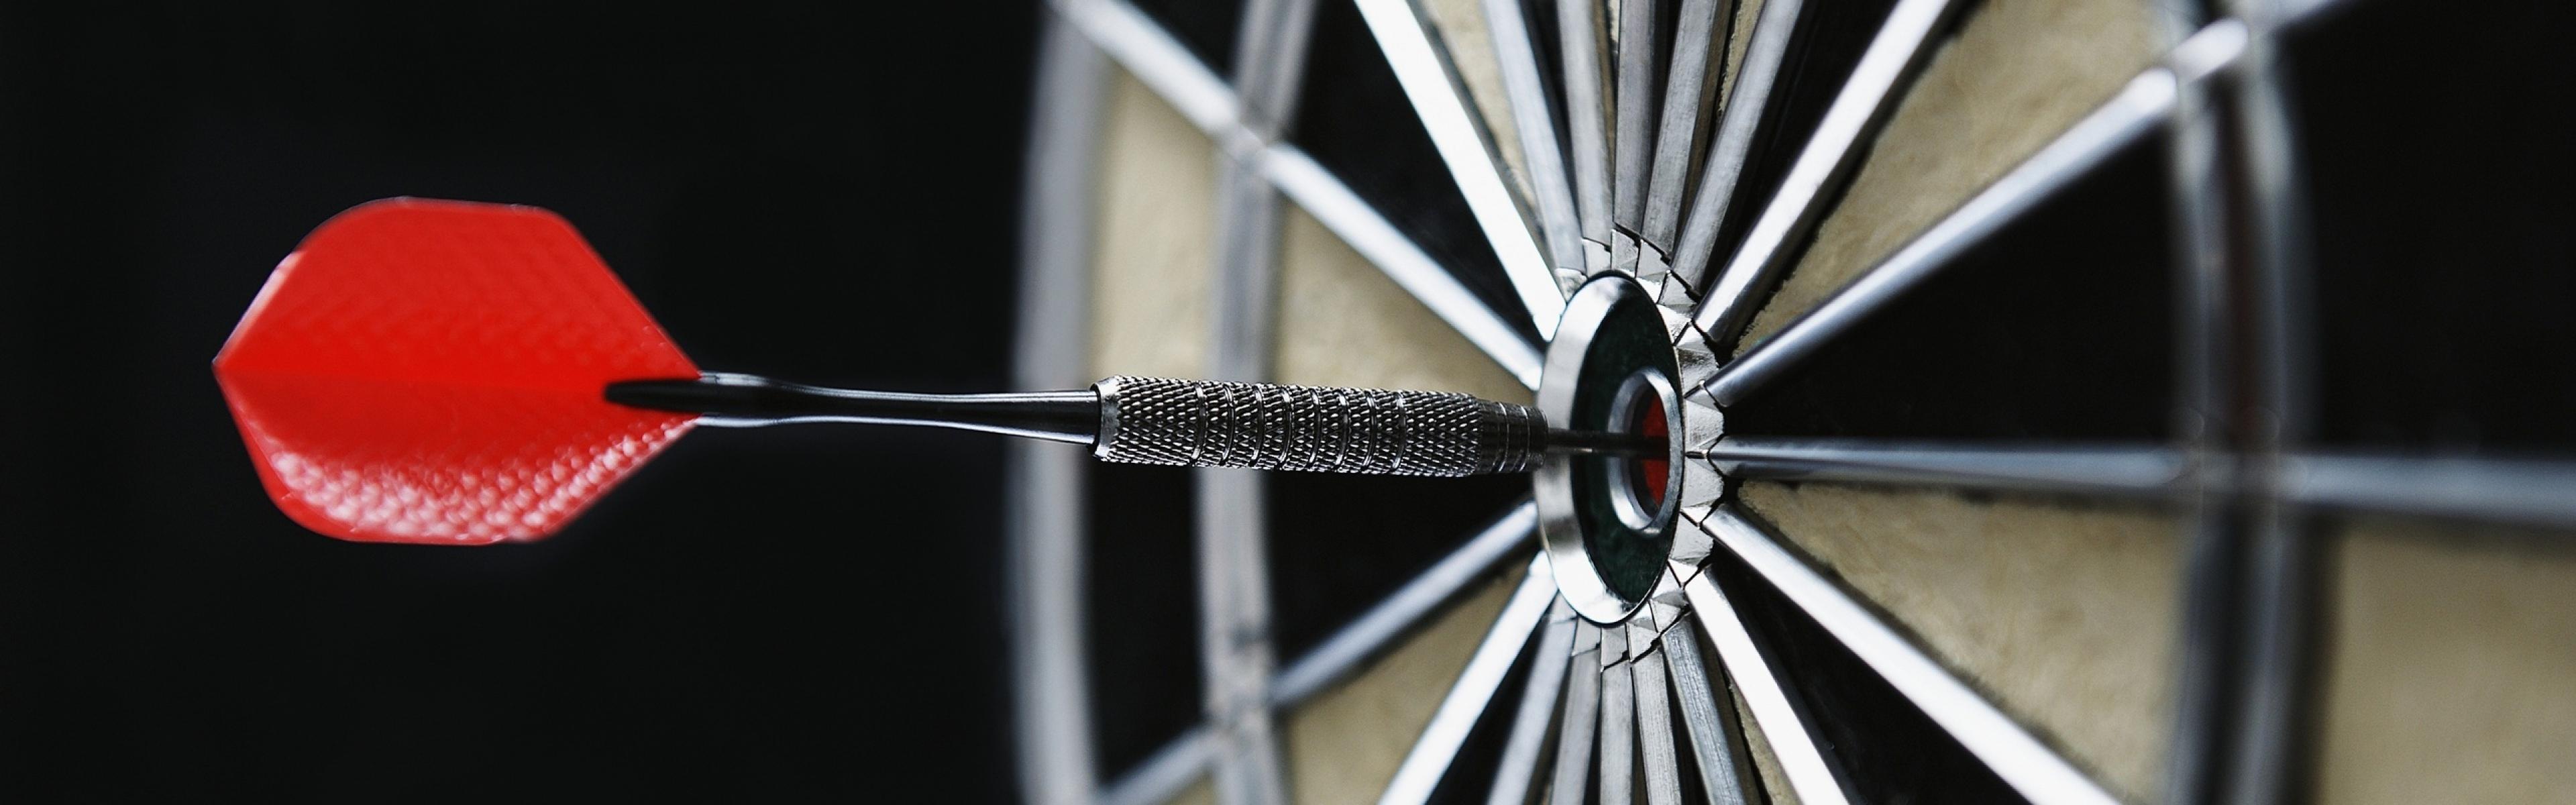 target_dart_darts_81228_3840x1200